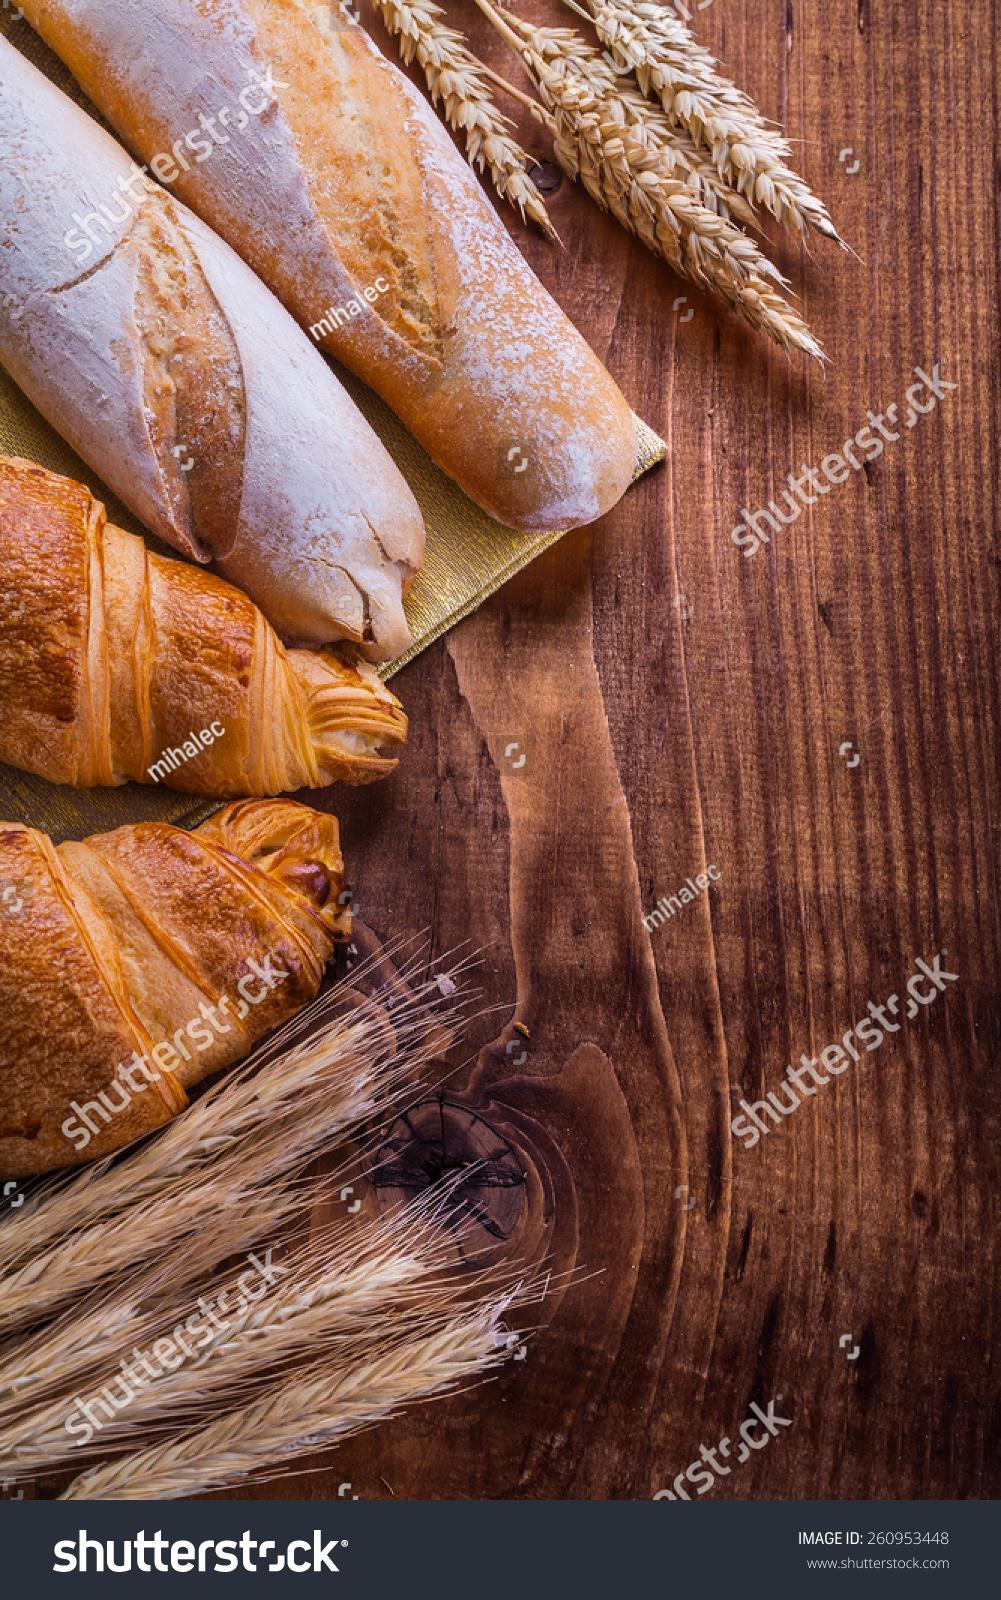 面包小麦和耳朵上的木板食品和饮料的概念